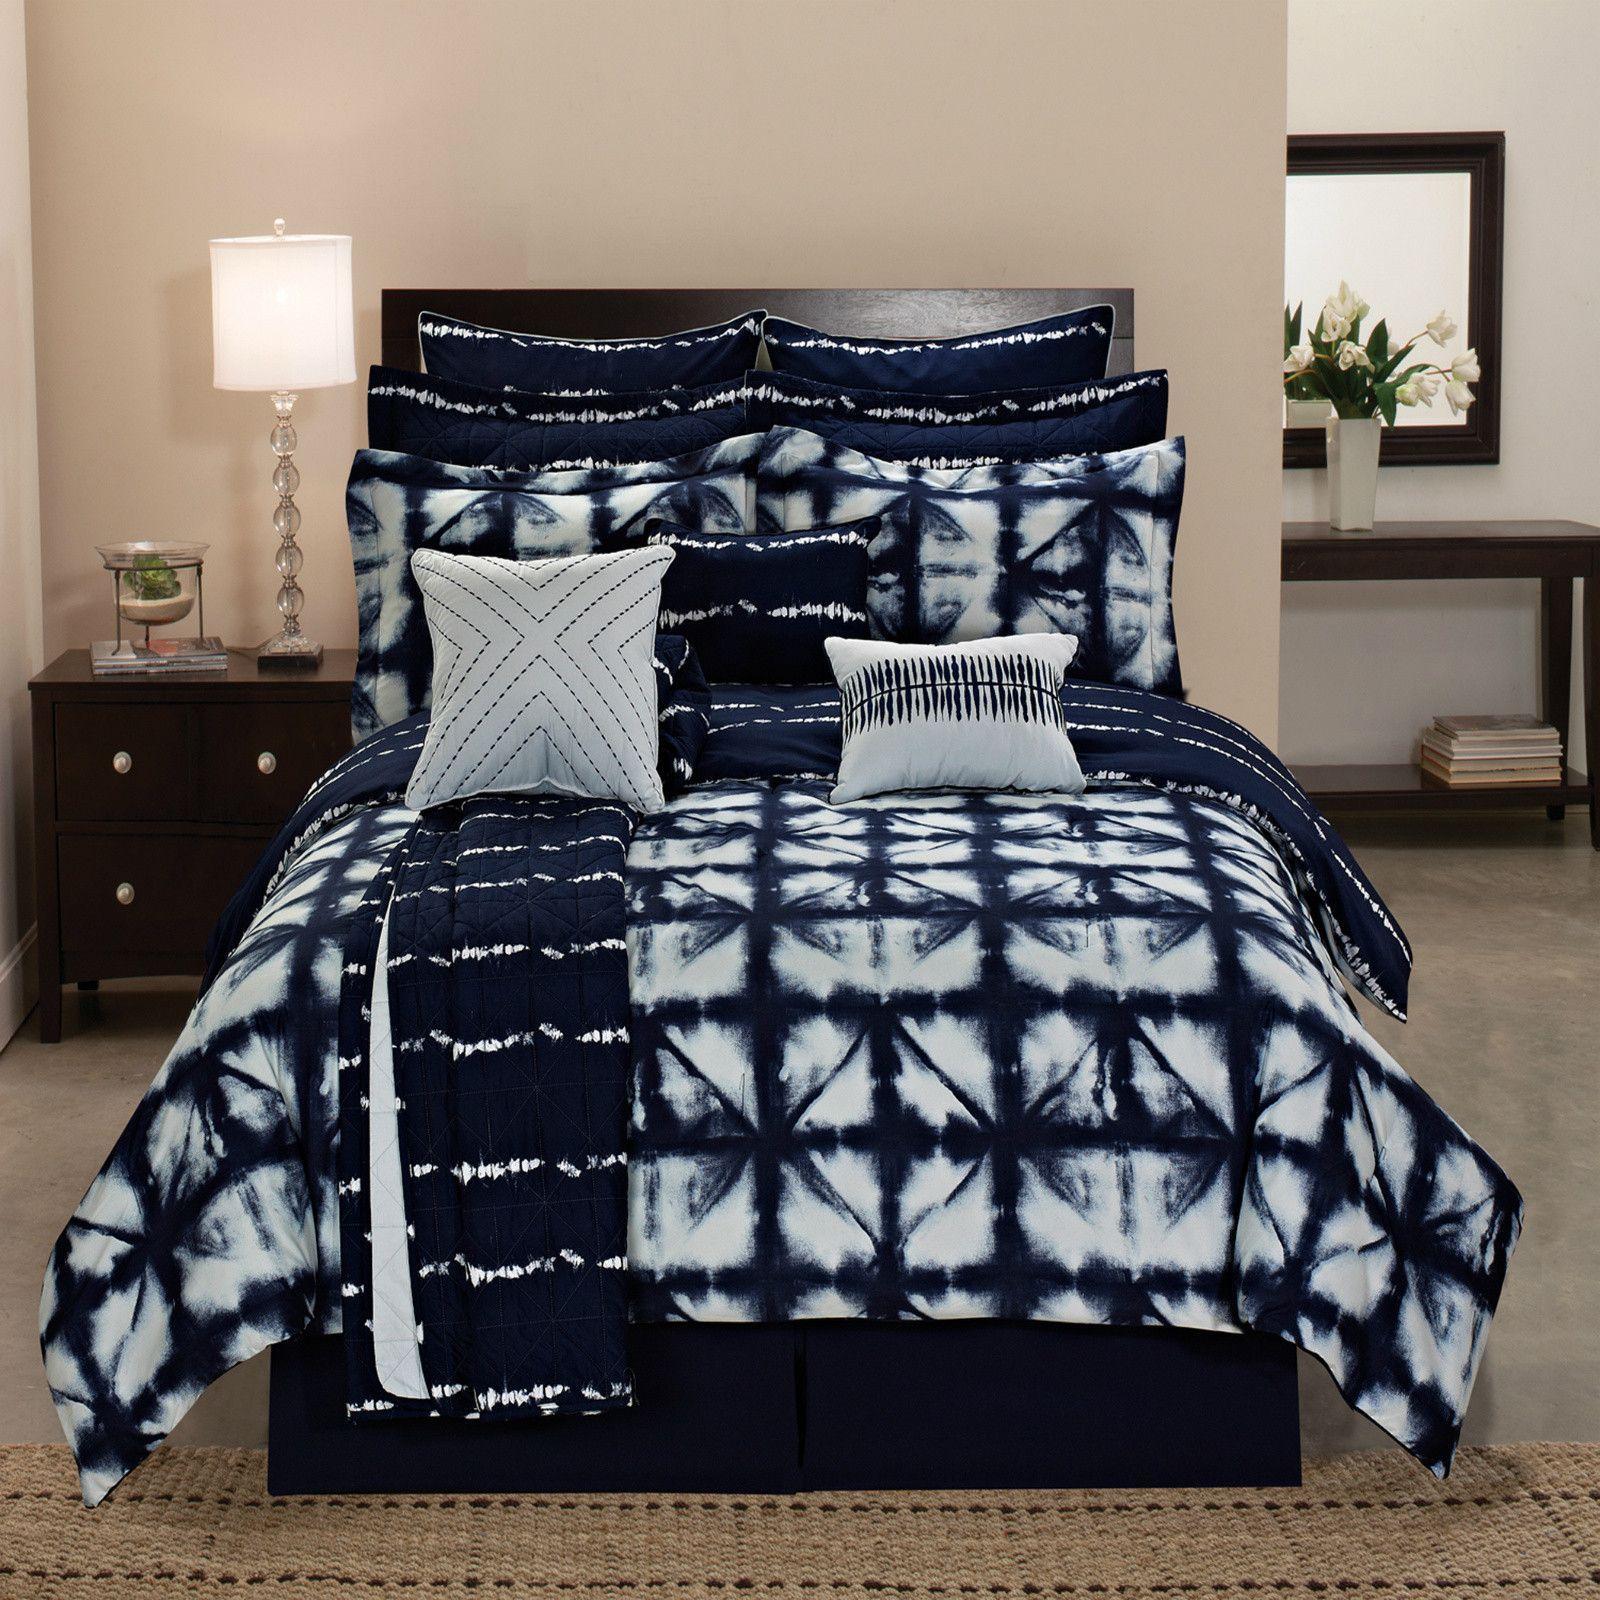 Comforter Sets For Teen Girls 12 Piece Teen Bedrooms